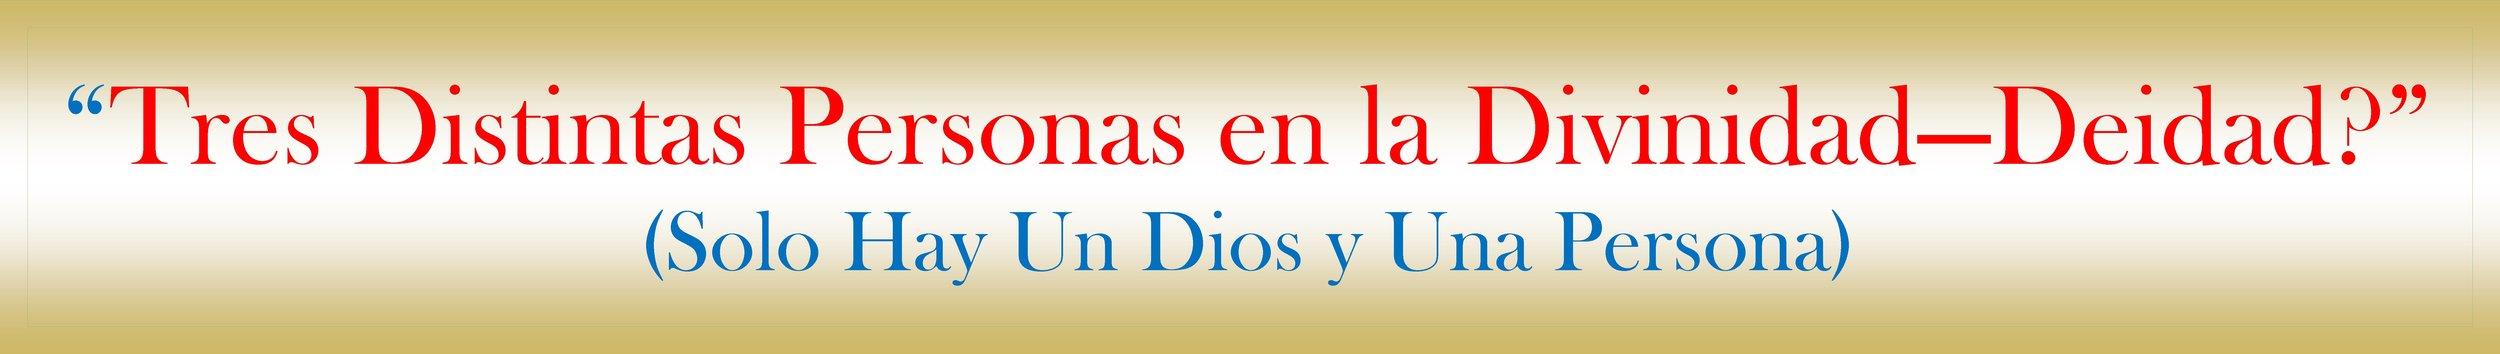 """Tres Distintas Personas en la Divinidad O Deidad? En ninguna parte de las Santas Escrituras, Dios y El Espíritu Santo nunca son llamados o reconocidos como """"Persona"""" o por lo menos se le allá dado este término.  Los Trinitarios usan el Término, """"Persona"""" en la Divinidad. Ellos Afirman que Dios Padre es la primera Persona de la Trinidad, que Jesús el hijo es la Segunda persona de la Trinidad y que el Espíritu Santo es la tercera persona de la Trinidad.  Cuando se dice esto de la Divinidad de Dios se está cometiendo un Gran Error Doctrinal, pues a ninguno de ellos se les da un Segundo Lugar o tercer lugar, pues en las Santas Escrituras se dice que Jesús es el primero y si él es el primero no puede ser el Segundo.  La Biblia No enseña términos de """"Personas"""" en la Divinidad o en Dios, tampoco hace mención de Tres distintos Dioses """"Dios Padre, Dios Hijo y Dios Espíritu"""" para llegar a ser un solo Dios verdadero, pues eso fue una invención del Catolicismo Romano como dice el Credo Atanasio o El Credo Trinitario en el Concilio de Nicea en el Año 325 d.C.  Es tan importante notar que en este Credo la Iglesia Católica Romana Si declaran que hay Tres Dioses en la Divinidad, como también hay tres señores, pero en el Credo mismo se dice la siguiente frase: """" Así la Iglesia Católica nos Prohíbe decir Tres dioses o Tres señores """". En verdad esto es asi porque ellos mencionan a Tres Dioses, pero a la misma vez tratan de tapar esta verdad con decir que es un solo Dios o un Solo Señor.  En el Credo Católico, este hombre llamado (Atanasio), se dedicó a defender, No la Biblia o La Fe Cristiana, sino a la Fe Católica Romana. En toda la Biblia No hay Tres distintas personas en la Divinidad, tampoco en Los Diccionarios o Concordancias. La única persona en la Divinidad que se menciona en la Biblia es (Jesús el Hijo de Dios). Quien era Dios mismo manifestado en Carne, para poder hacer así el sacrificio perfecto por nuestros pecados.  Esta expresión o terminología de """"persona"""" solo se les at"""